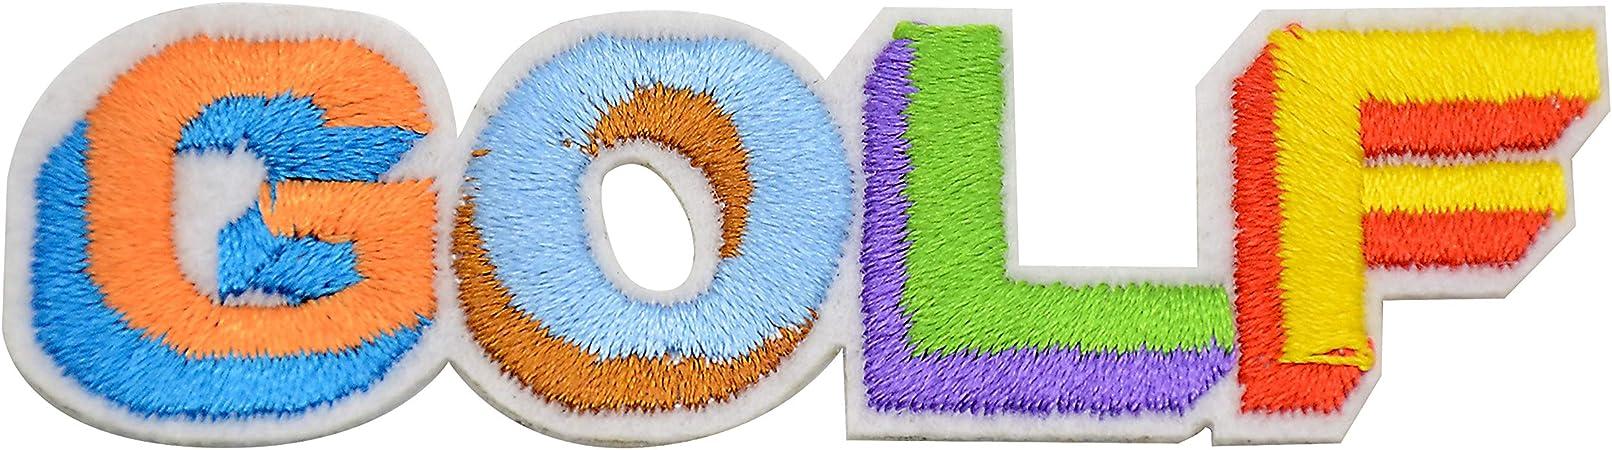 Parches De Letras Bordadas Con Velcro Para Planchar Y Coser En Parches Para Pantalones Vaqueros Chaqueta Ropa Bolsos Gorras Arte Manualidades Y Costura